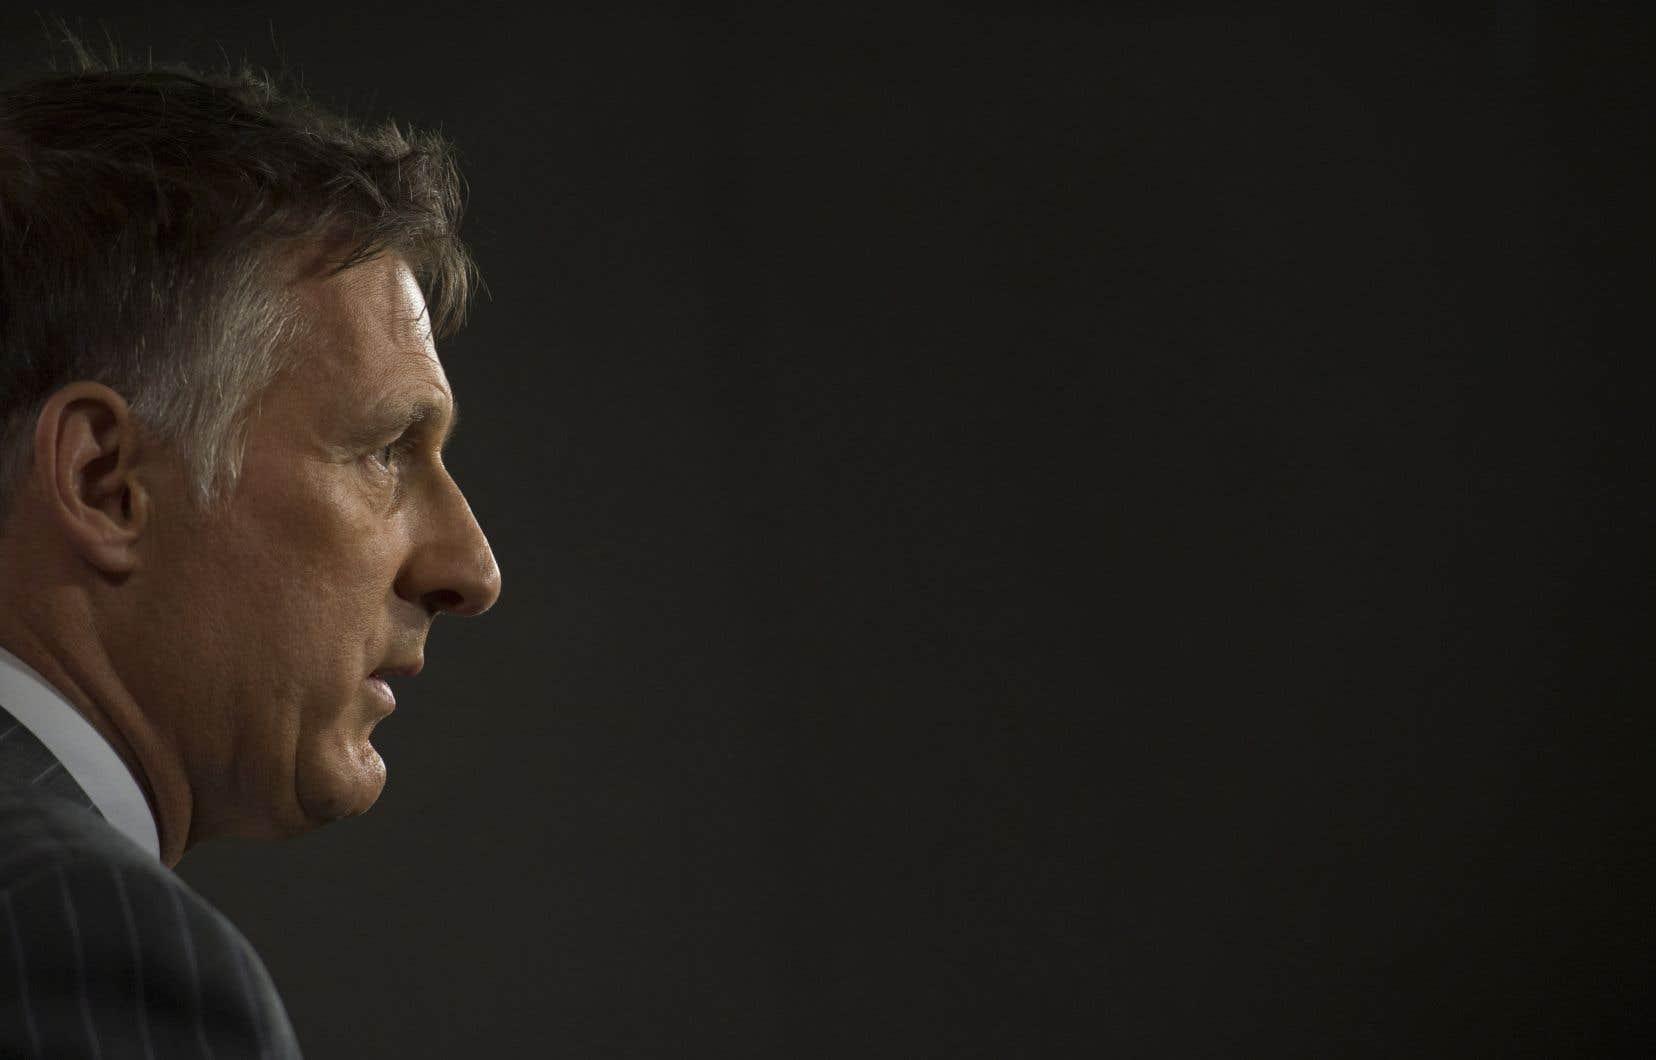 Maxime Bernier qualifie de «multiculturalisme extrême» le message souvent répété par le premier ministre Justin Trudeau sur les vertus de la diversité au Canada.